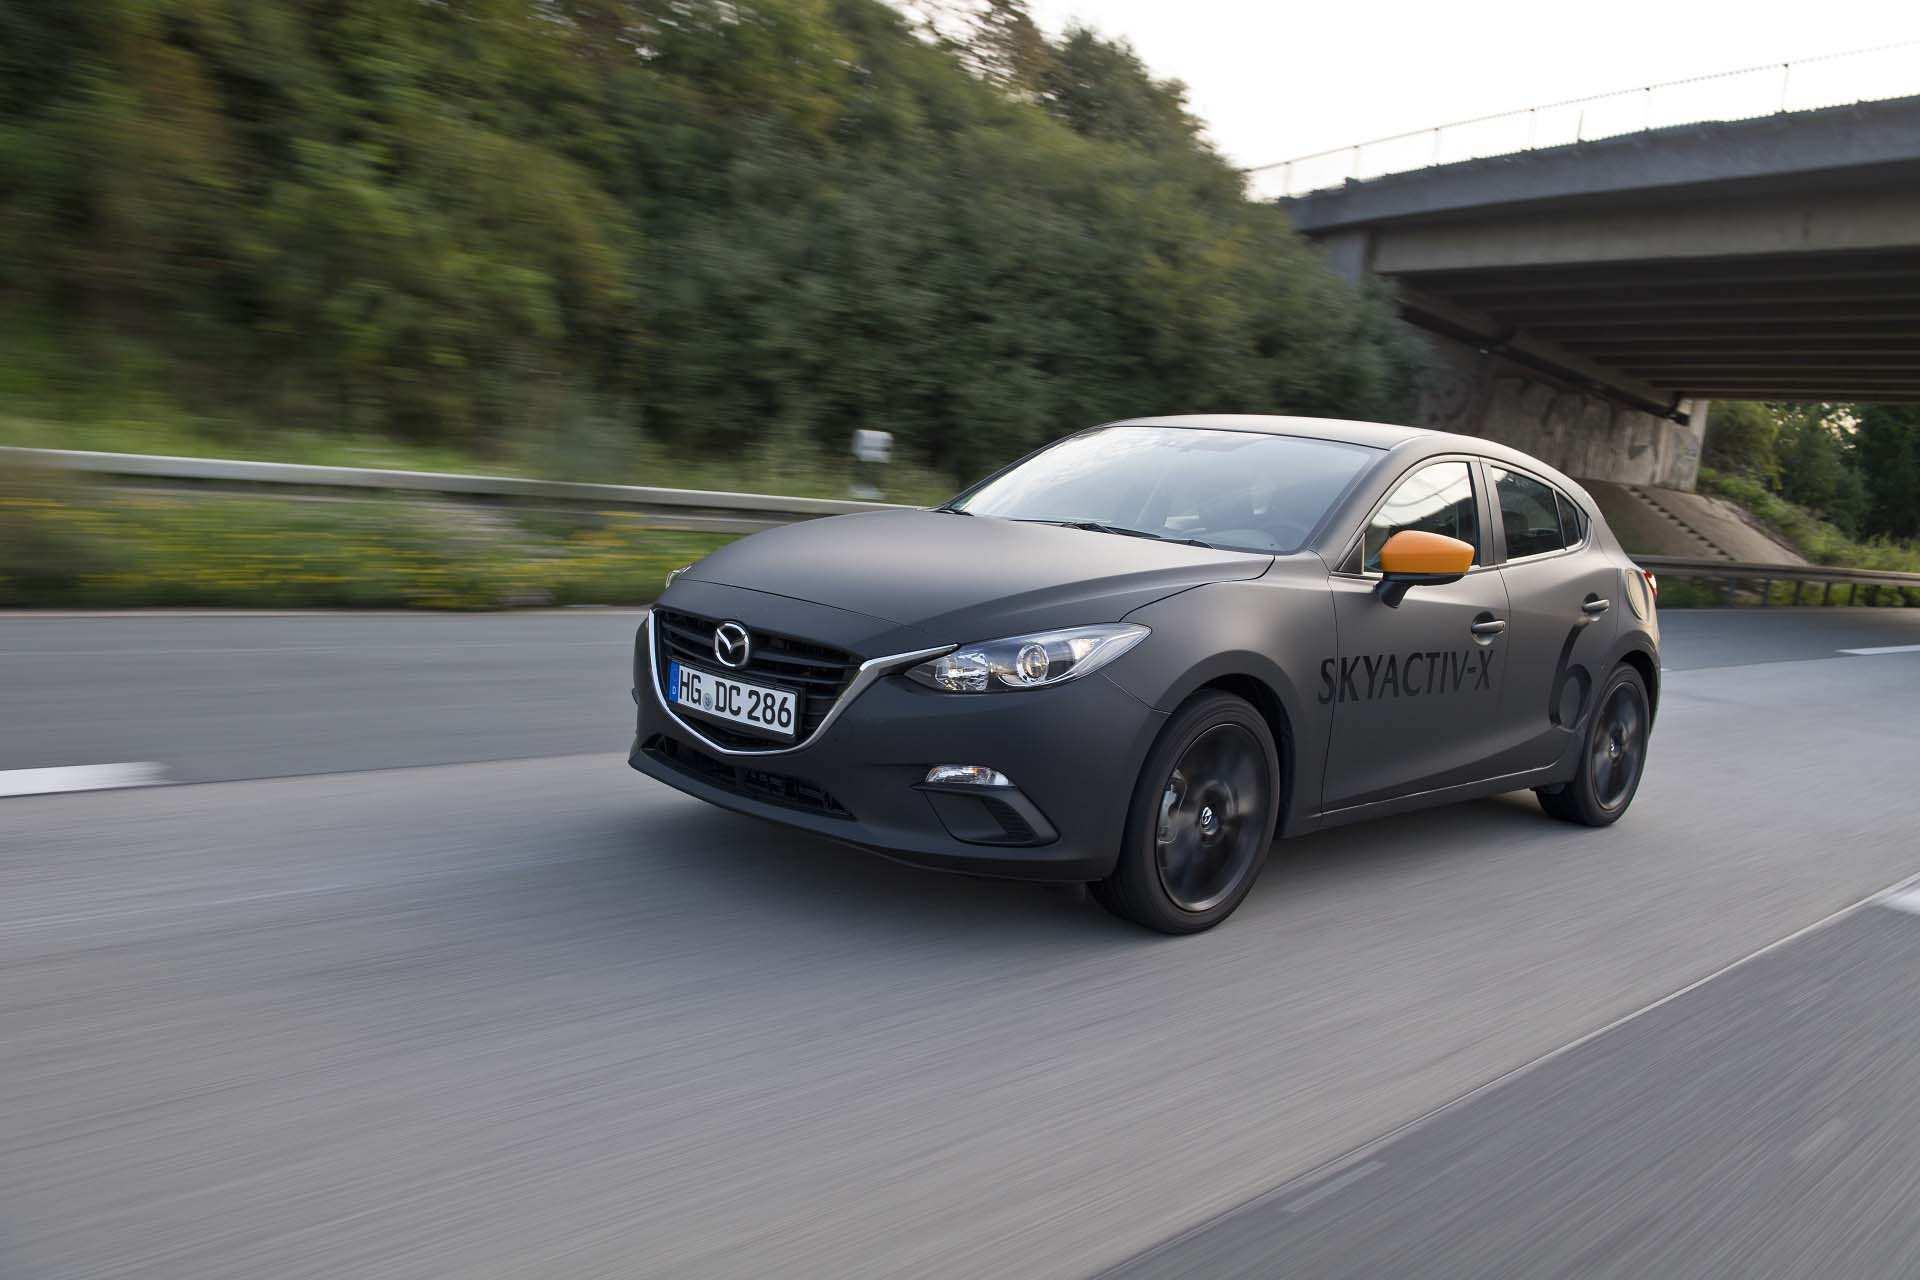 43 New Mazda Skyactiv 2020 Redesign with Mazda Skyactiv 2020